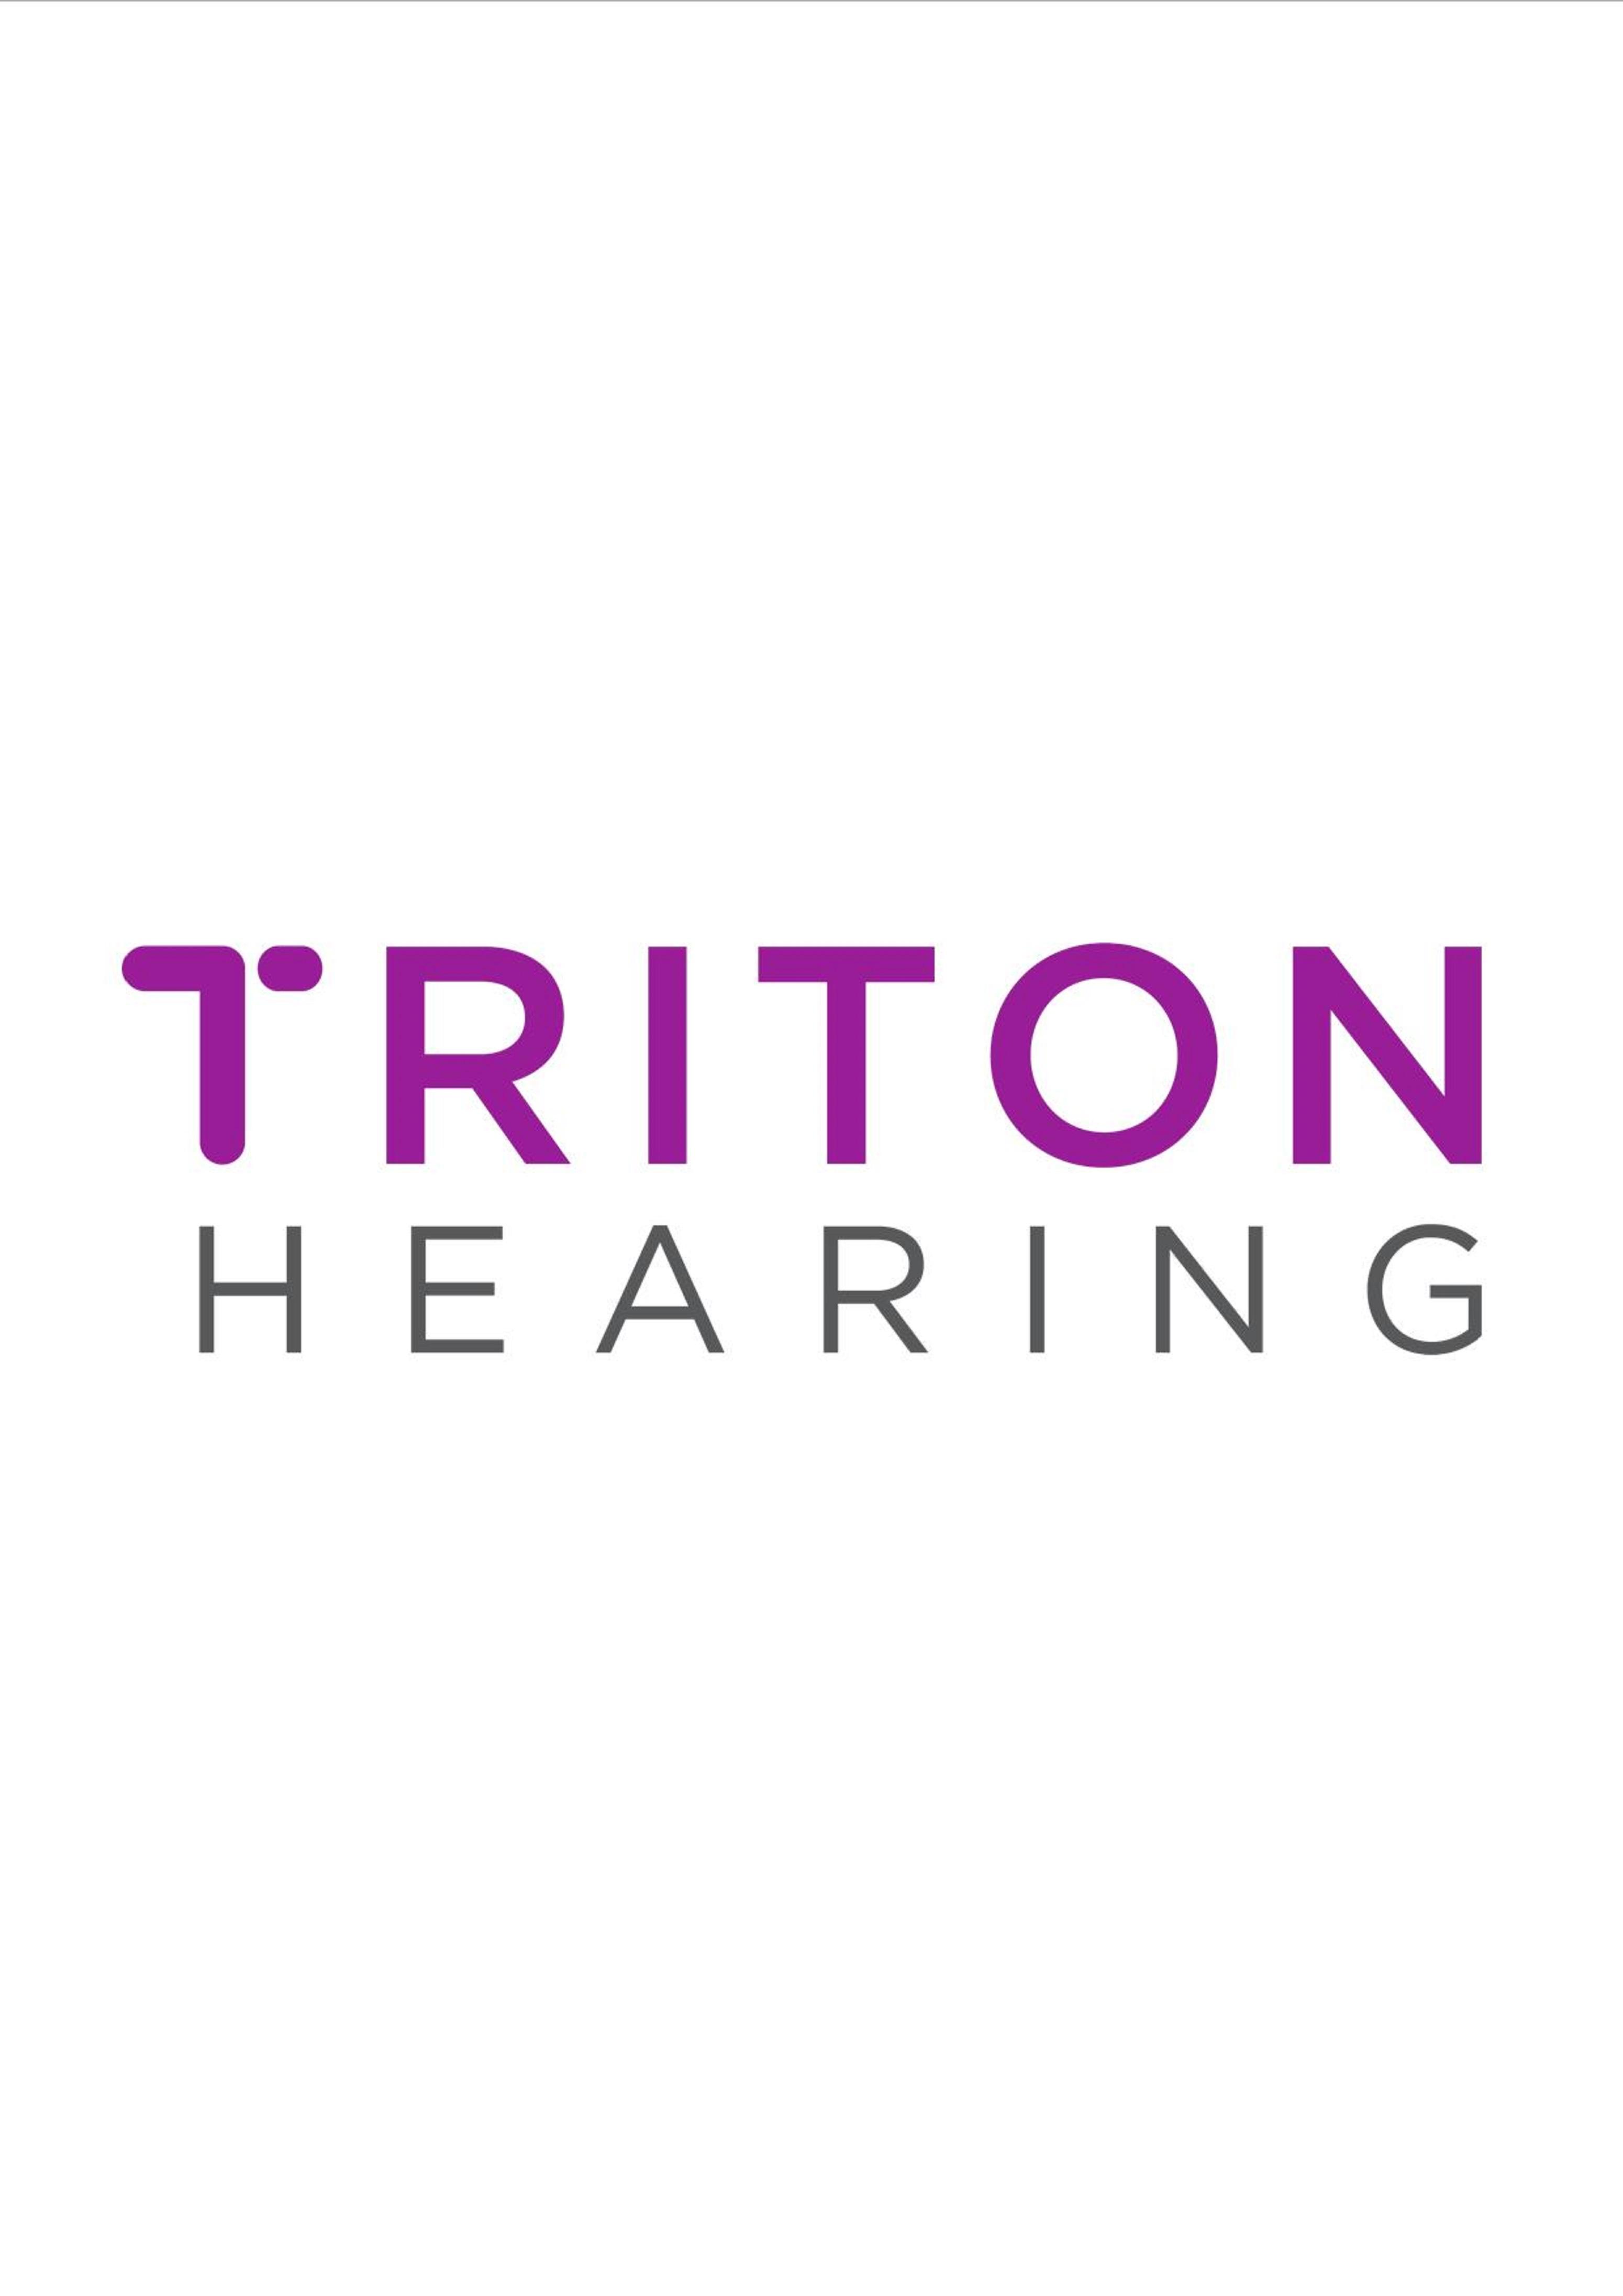 Triton Hearing, Invercargill